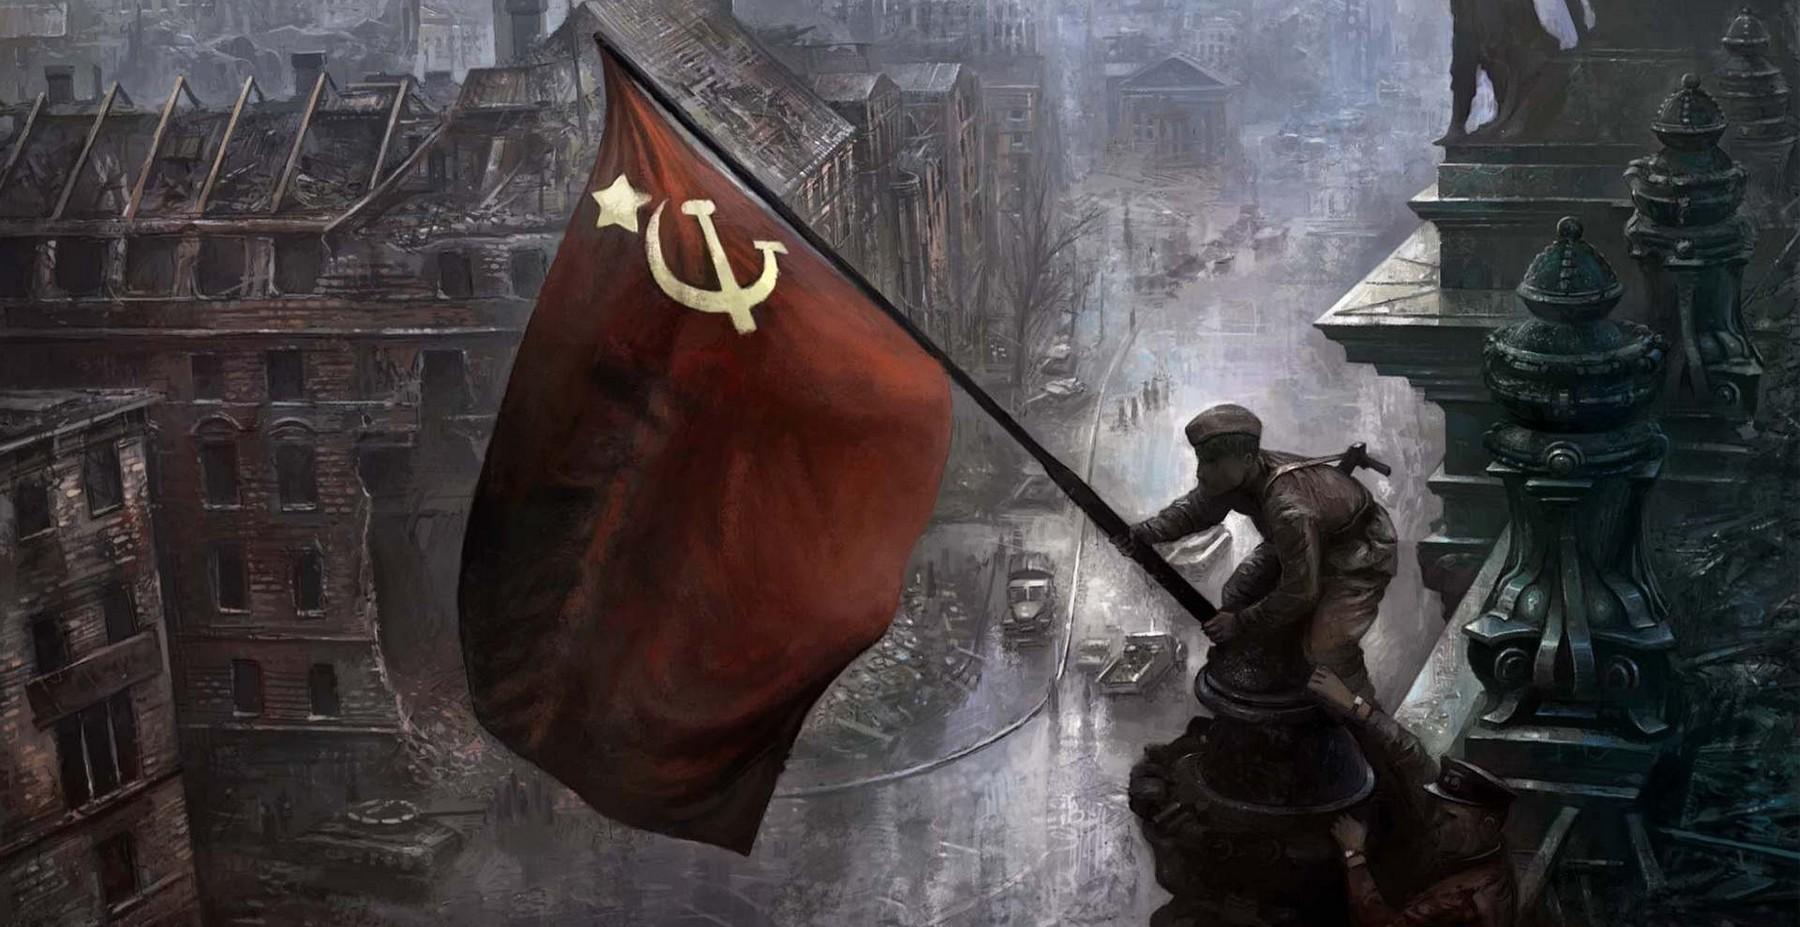 Cómo el Comunismo Esparció sus Errores por el Mundo [como había profetizado Fátima]